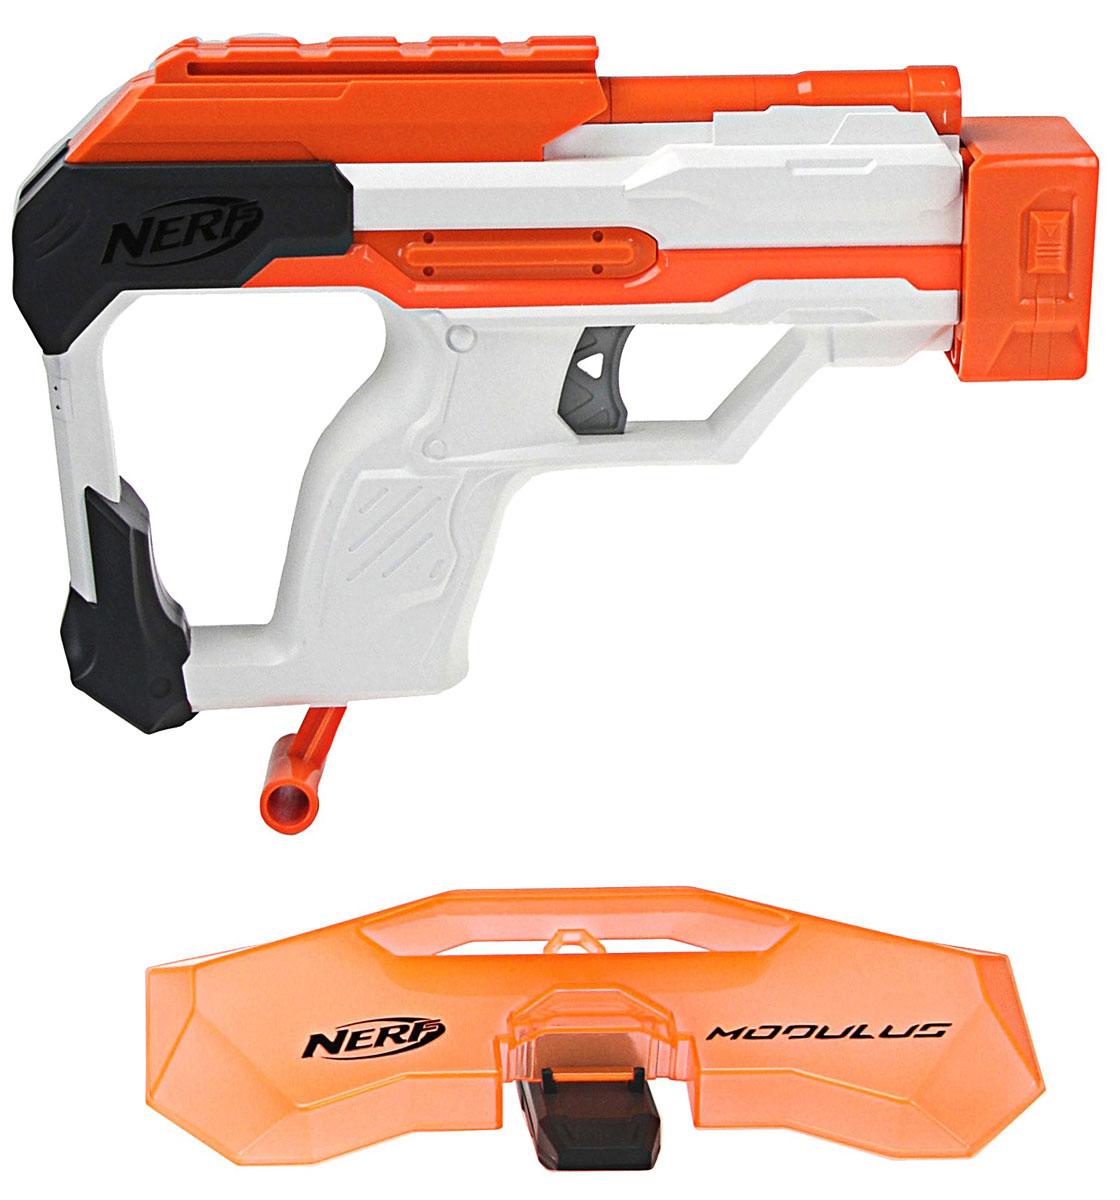 Nerf Modulus Set 3 Искусный защитник как нарисовать nerf